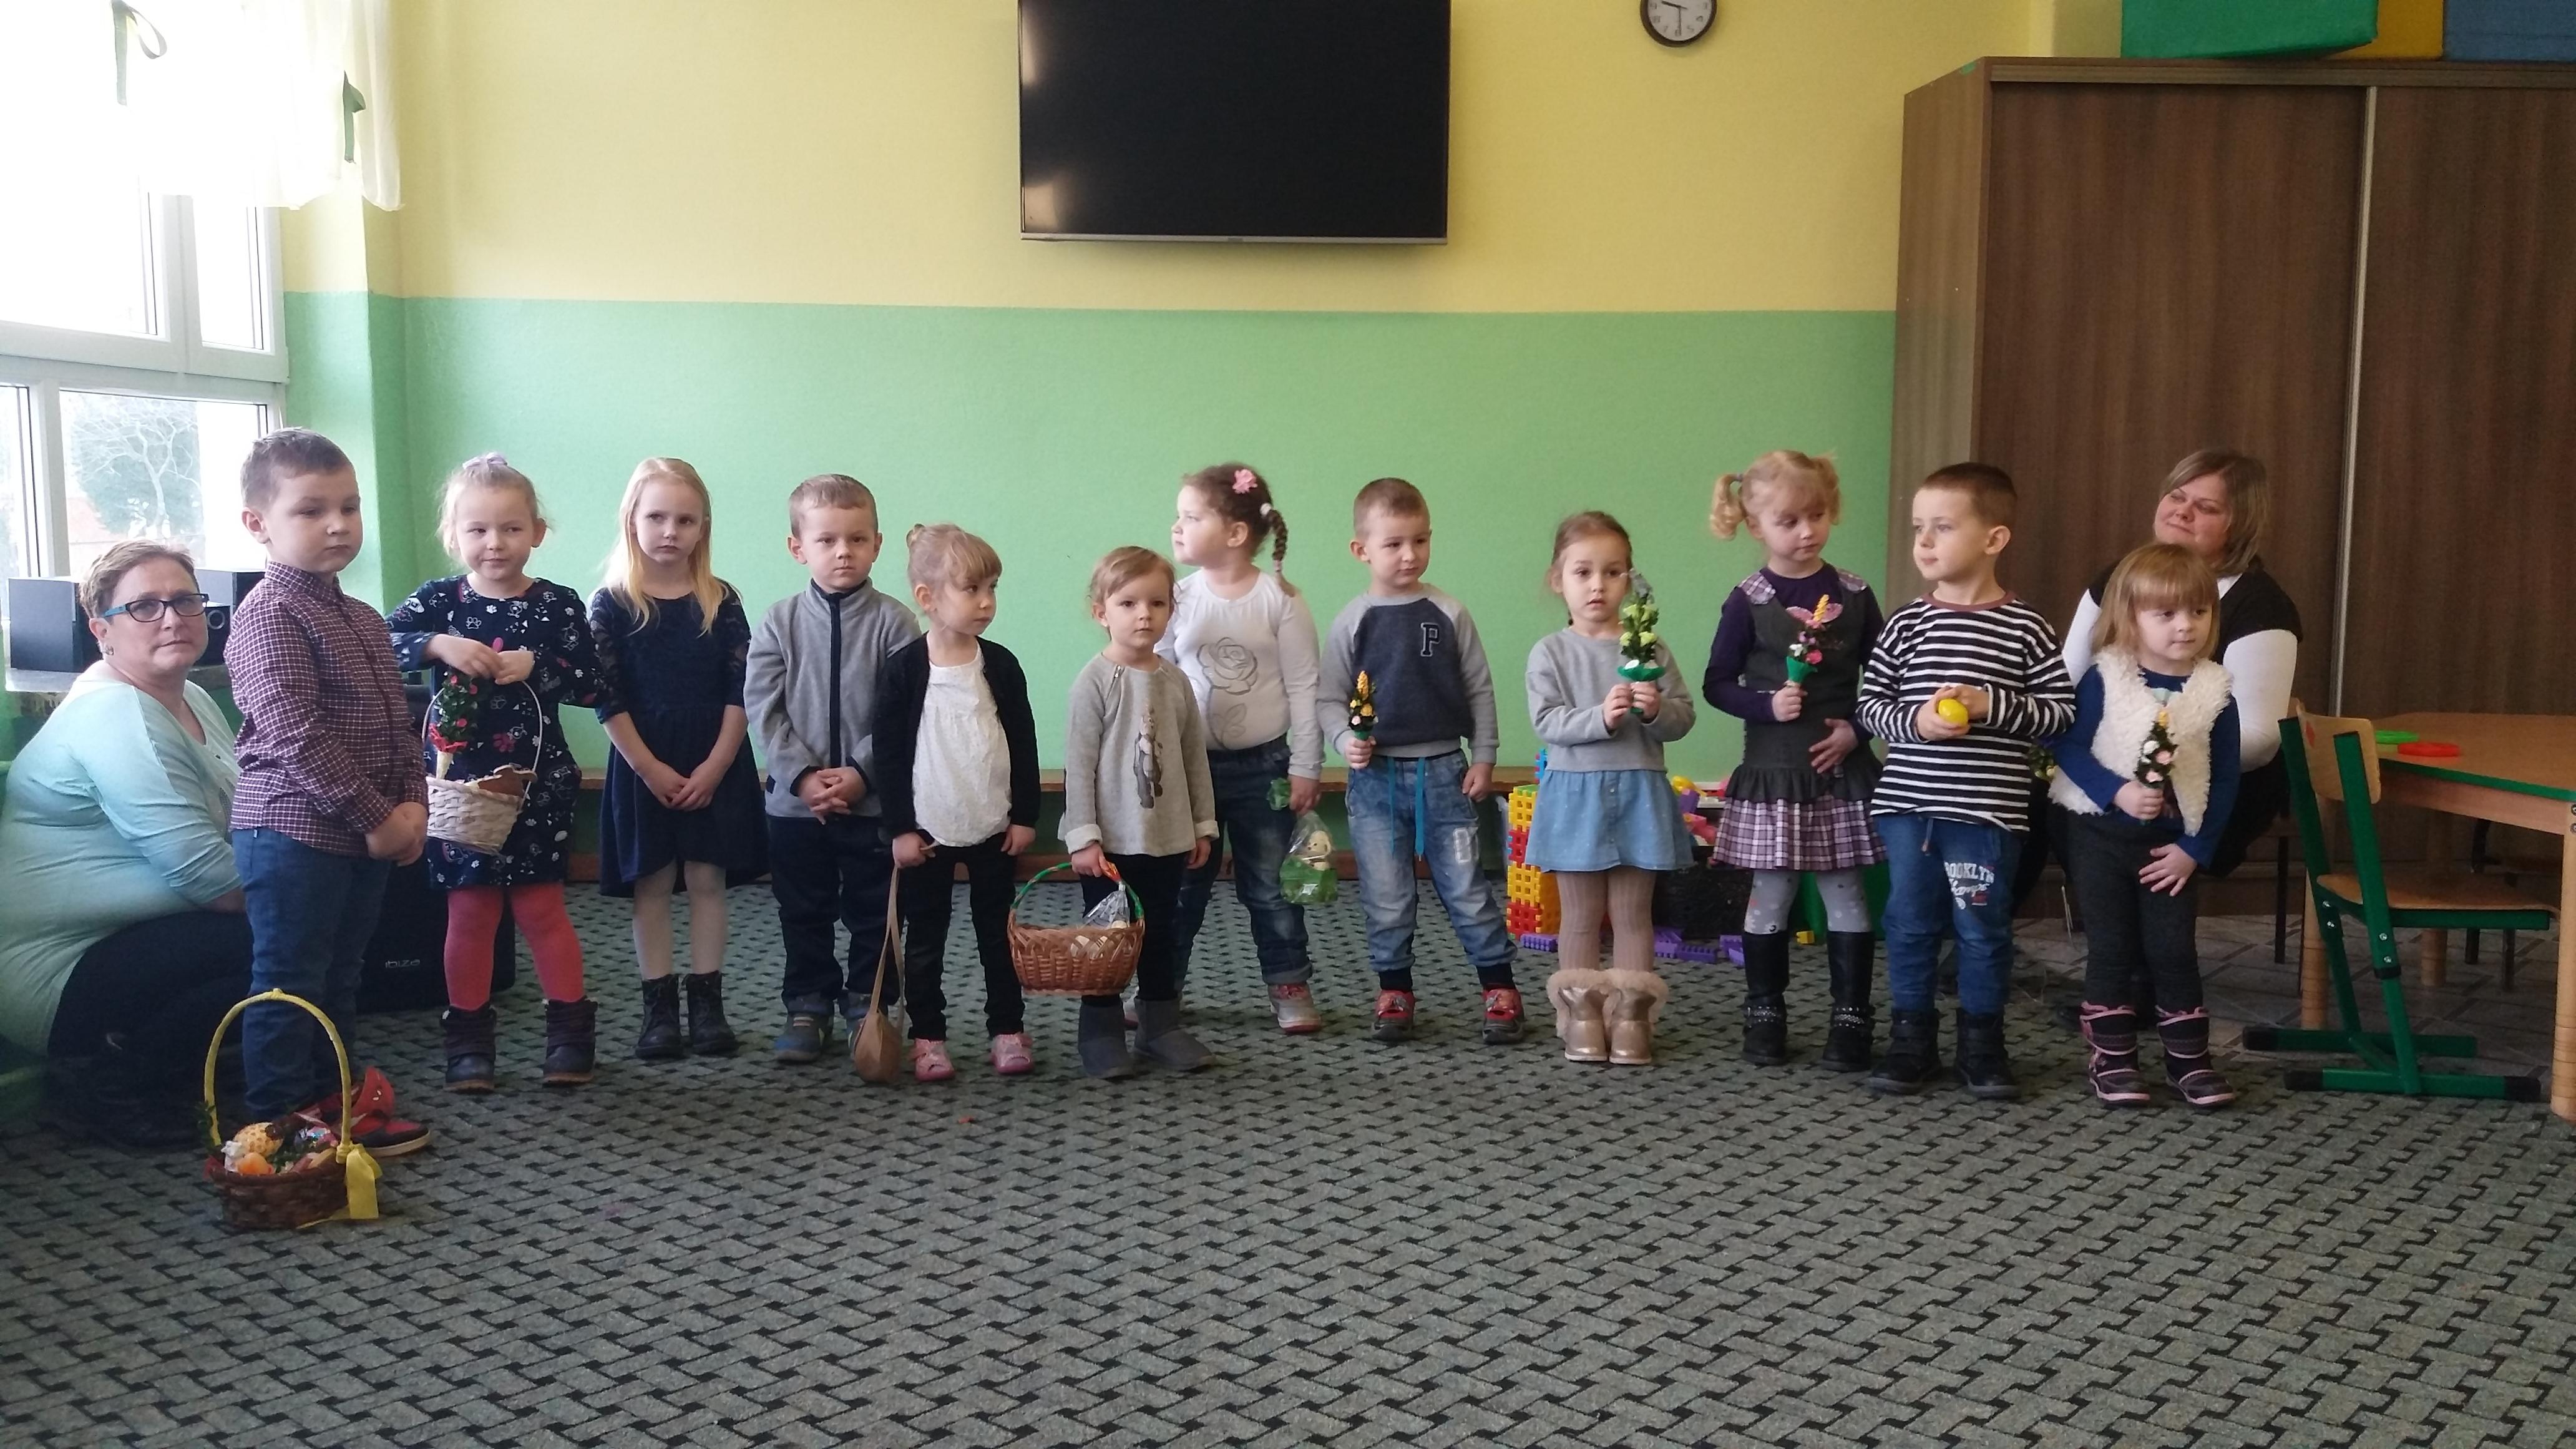 Wielkanoc Tuż Tuż Czyli Warsztaty Wielkanocne W Oddziale